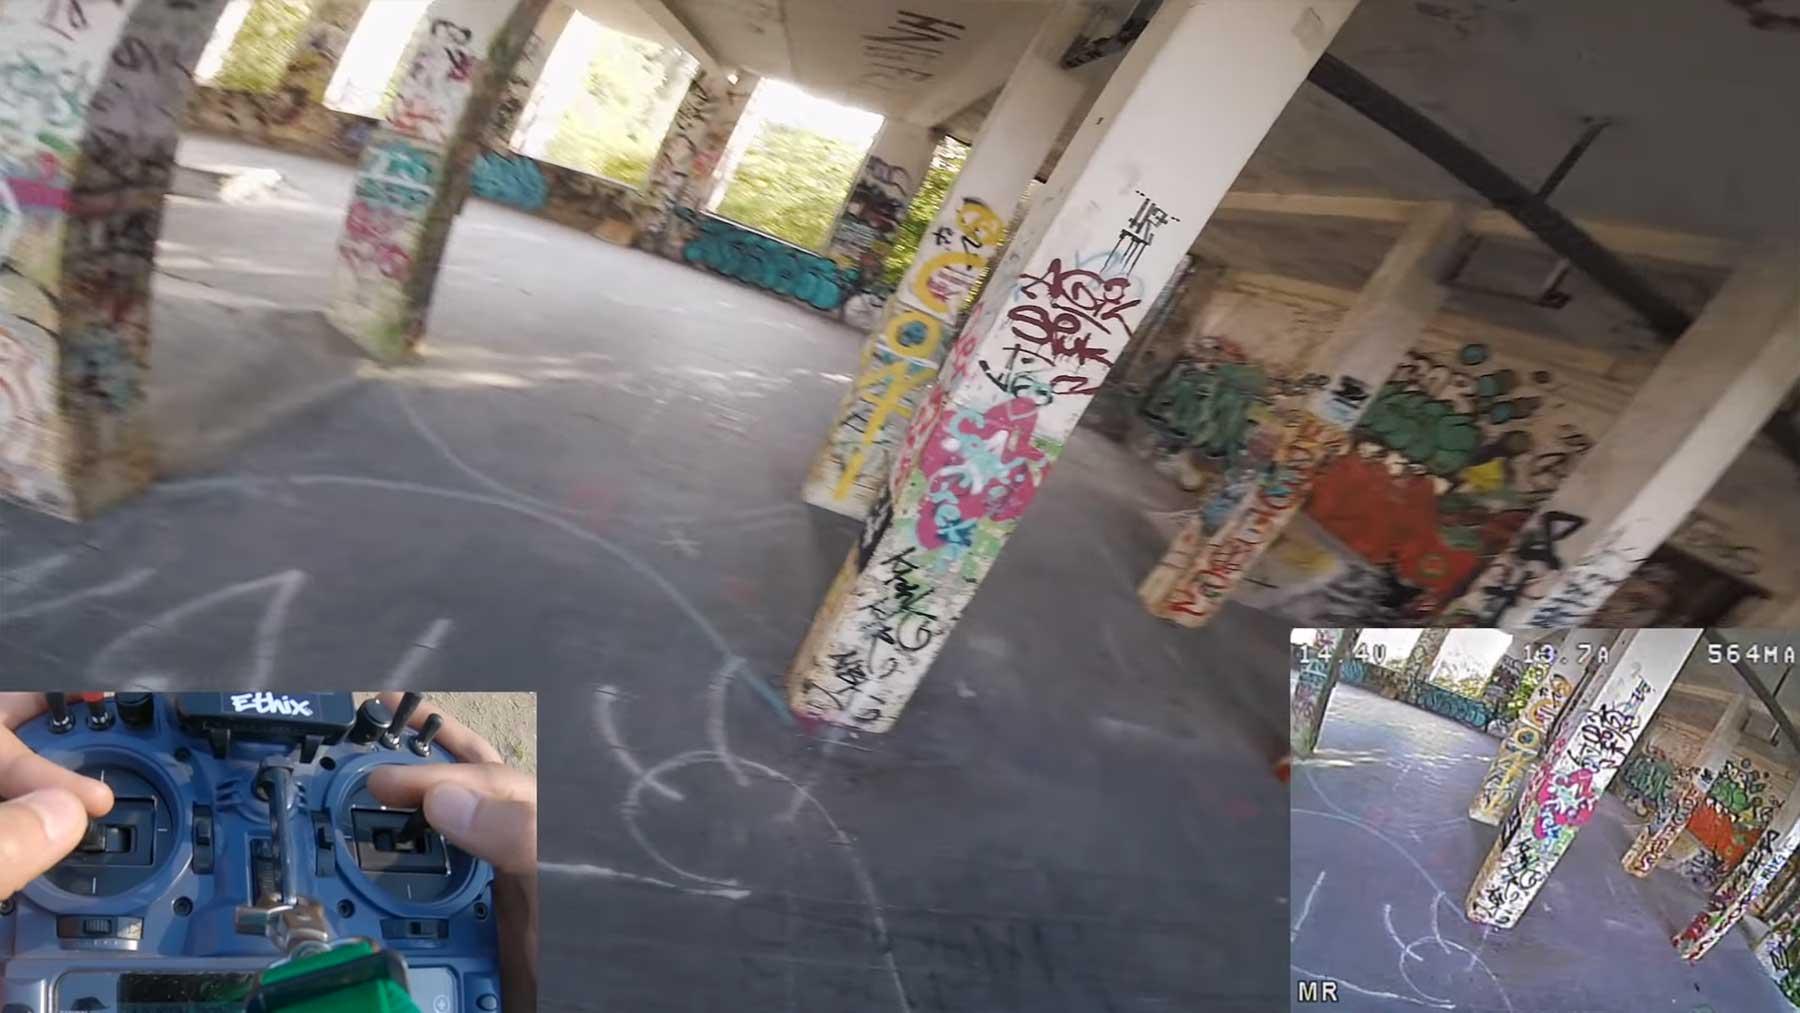 Rasanter POV-Drohnenflug durch verlassenes Gebäude